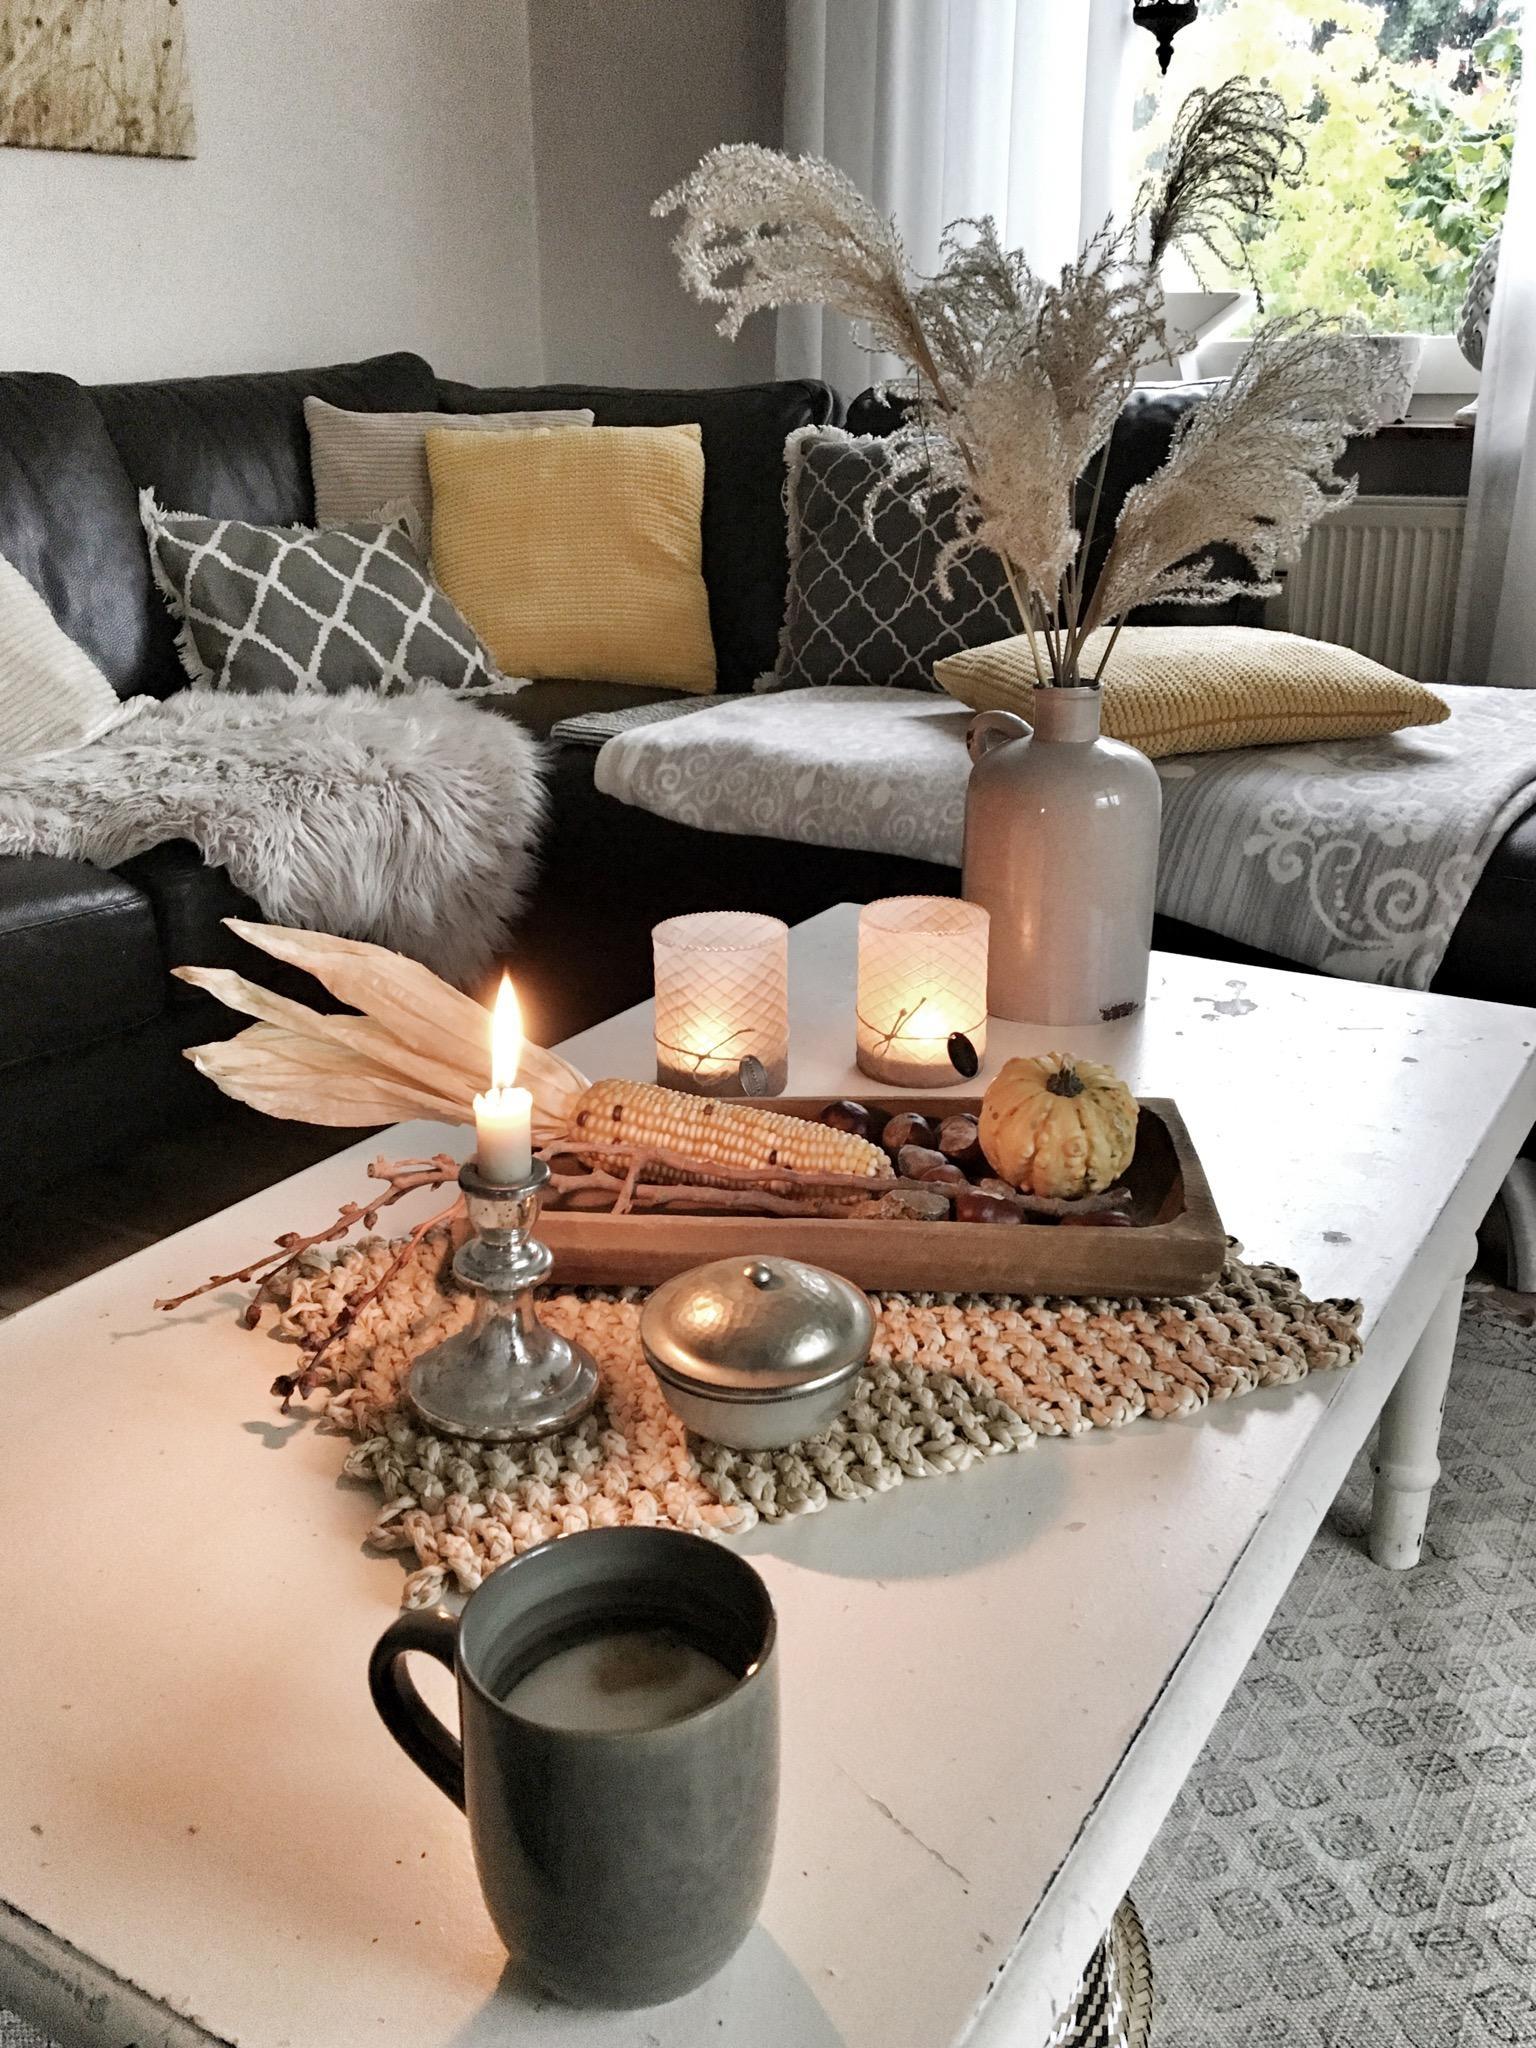 Gemütlichkeit #cozy#hygge#kerzen#deko#autumn#wohnz..